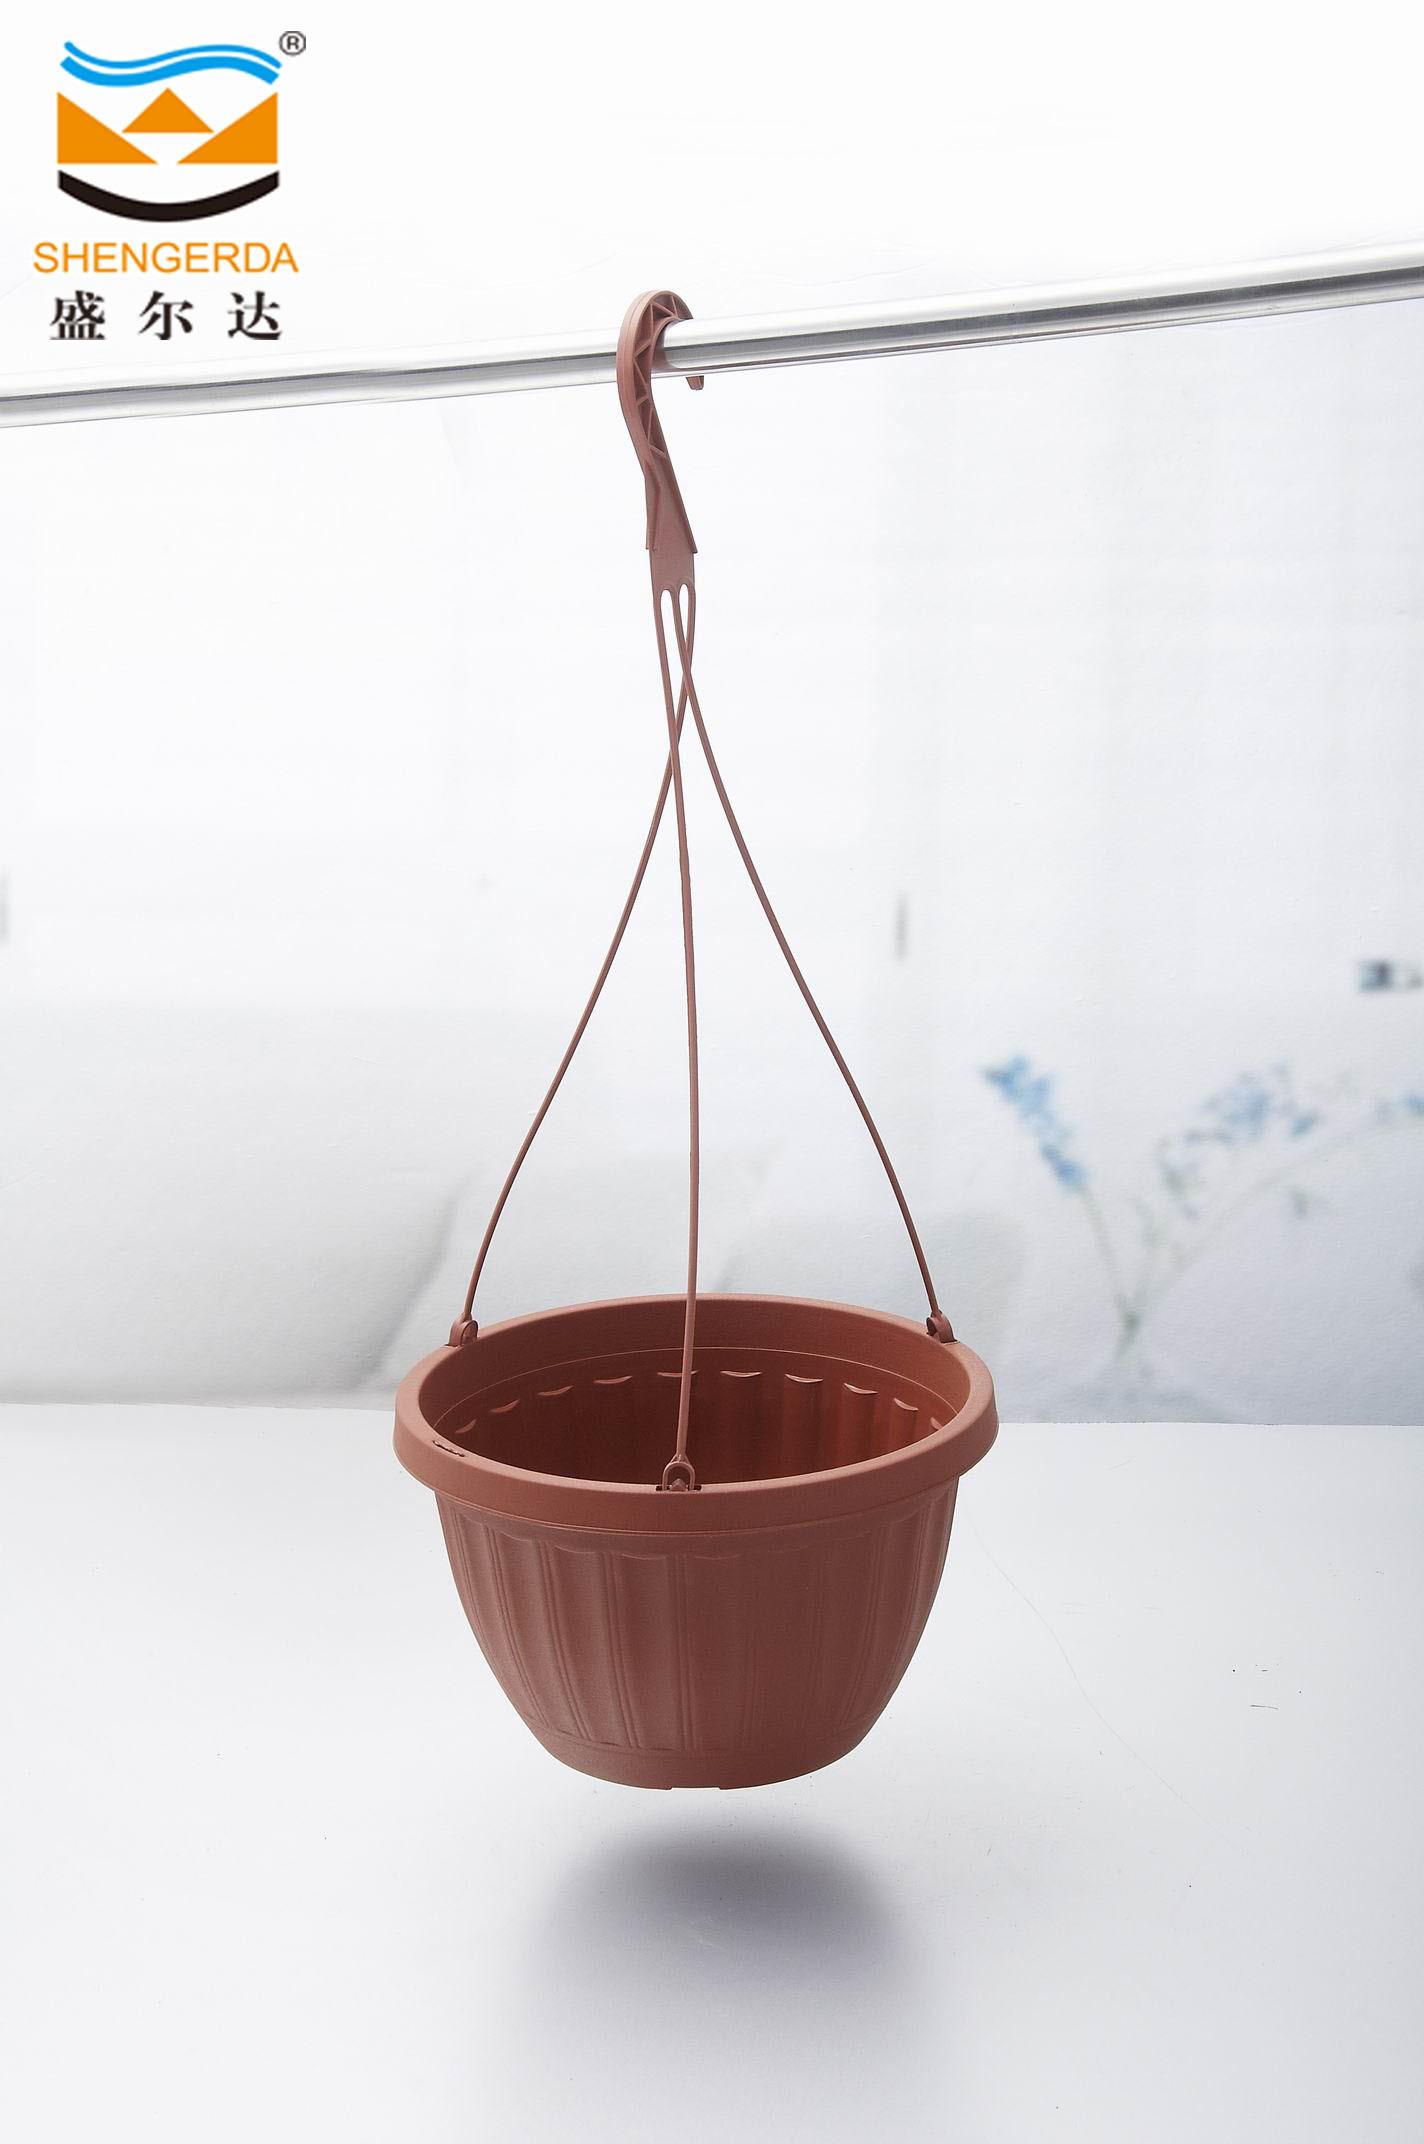 Hanging Plant Pots (HG-1007) - China Plastic Flower Pot, Garden Pots